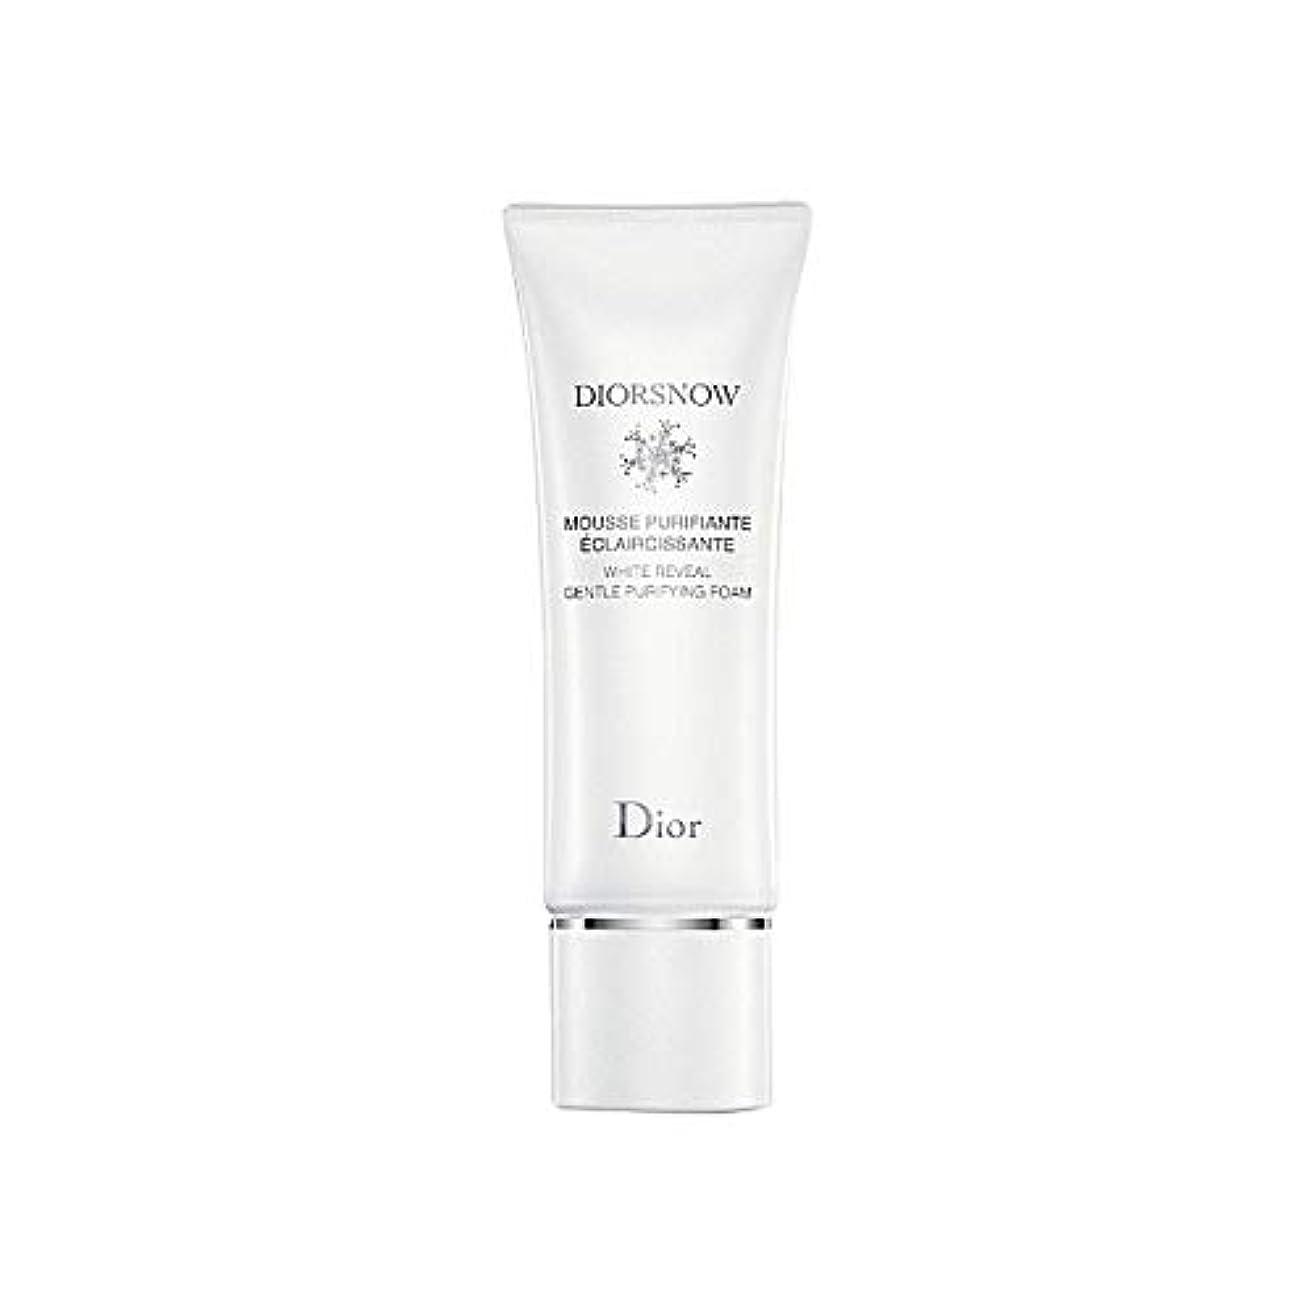 考古学的な高揚した威する[Dior] ディオールディオールスノー浄化フォーム - Dior Diorsnow Purifying Foam [並行輸入品]